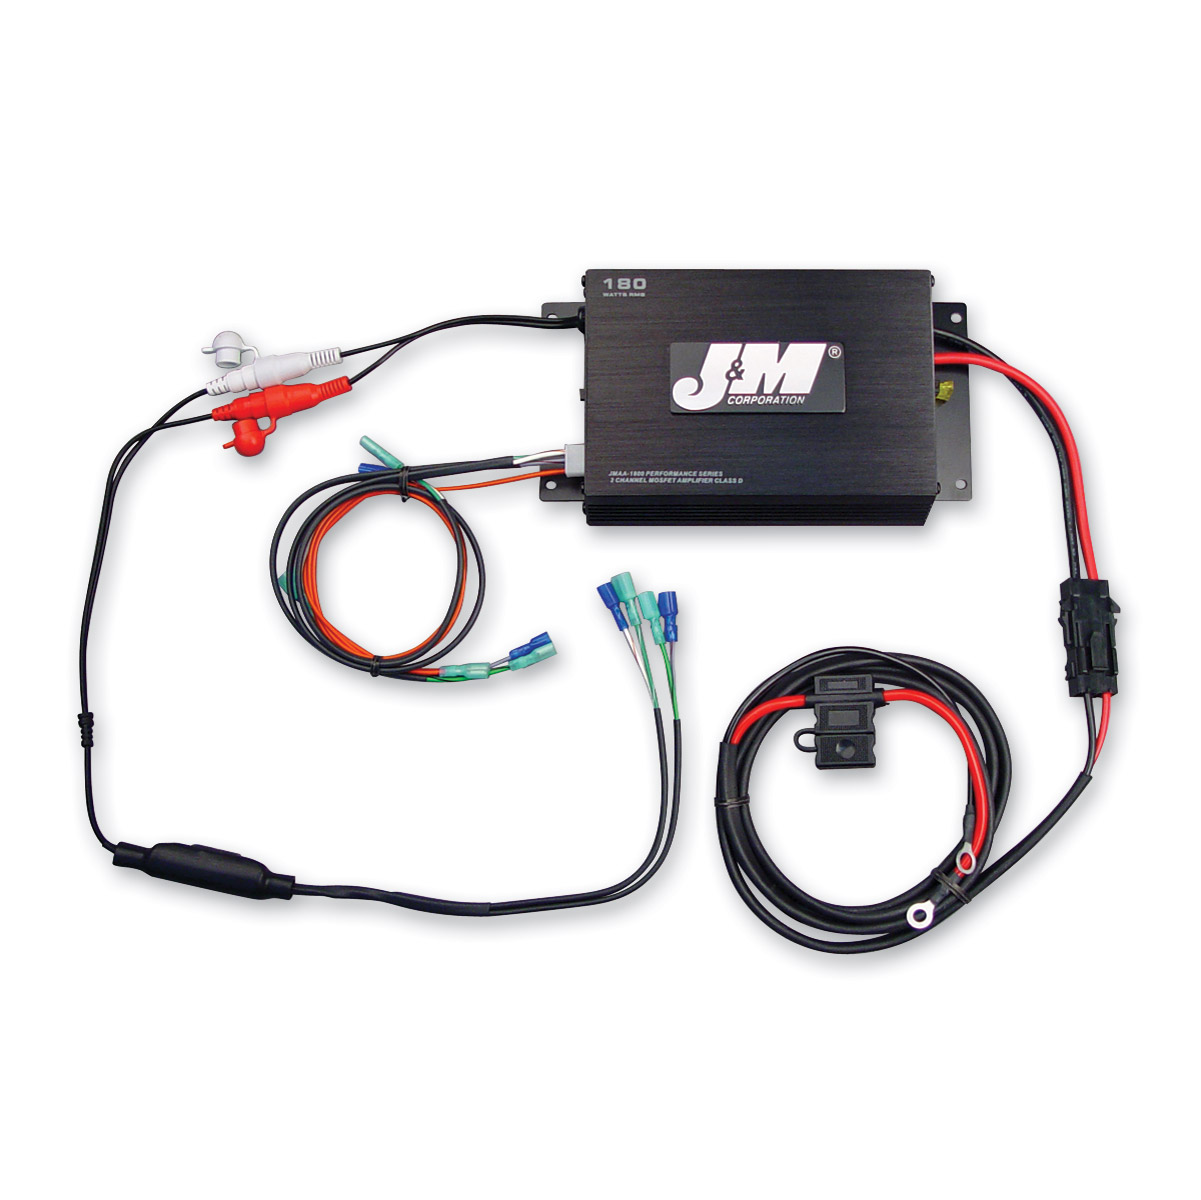 J&M 2 Chanel 180W Amplifier